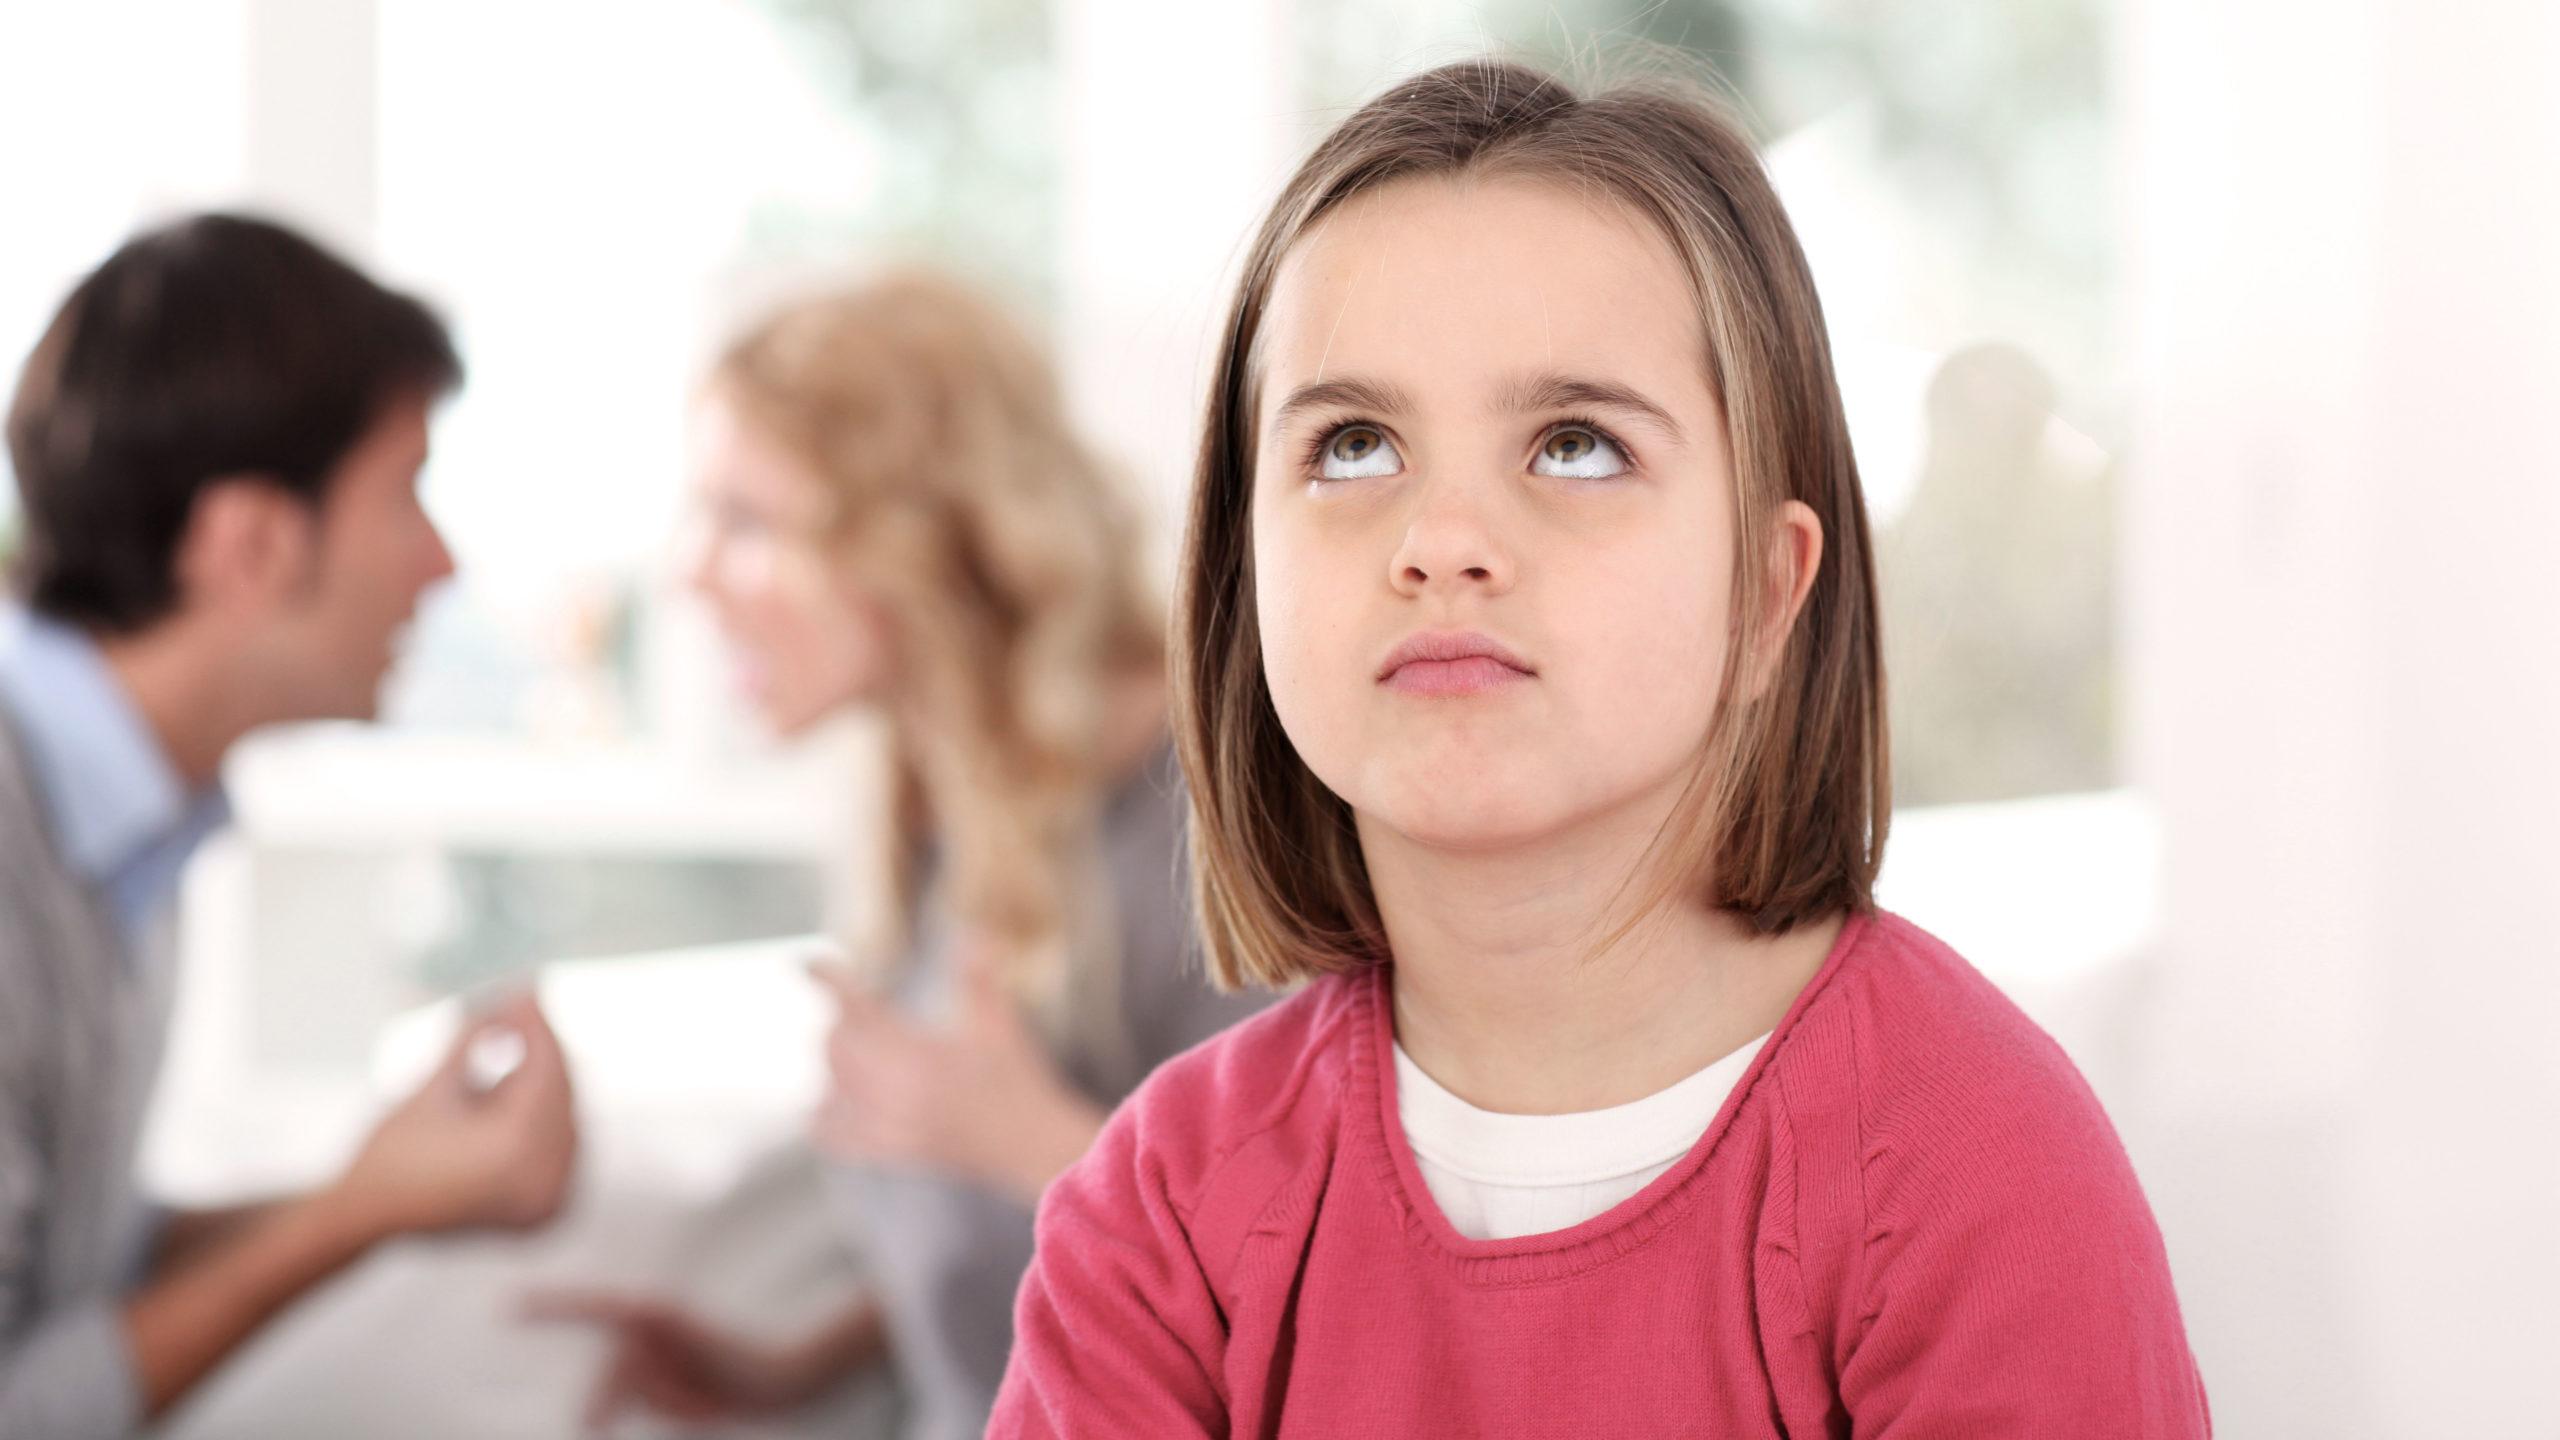 forældres konflikt efter skilsmisse skader barnets trivsel